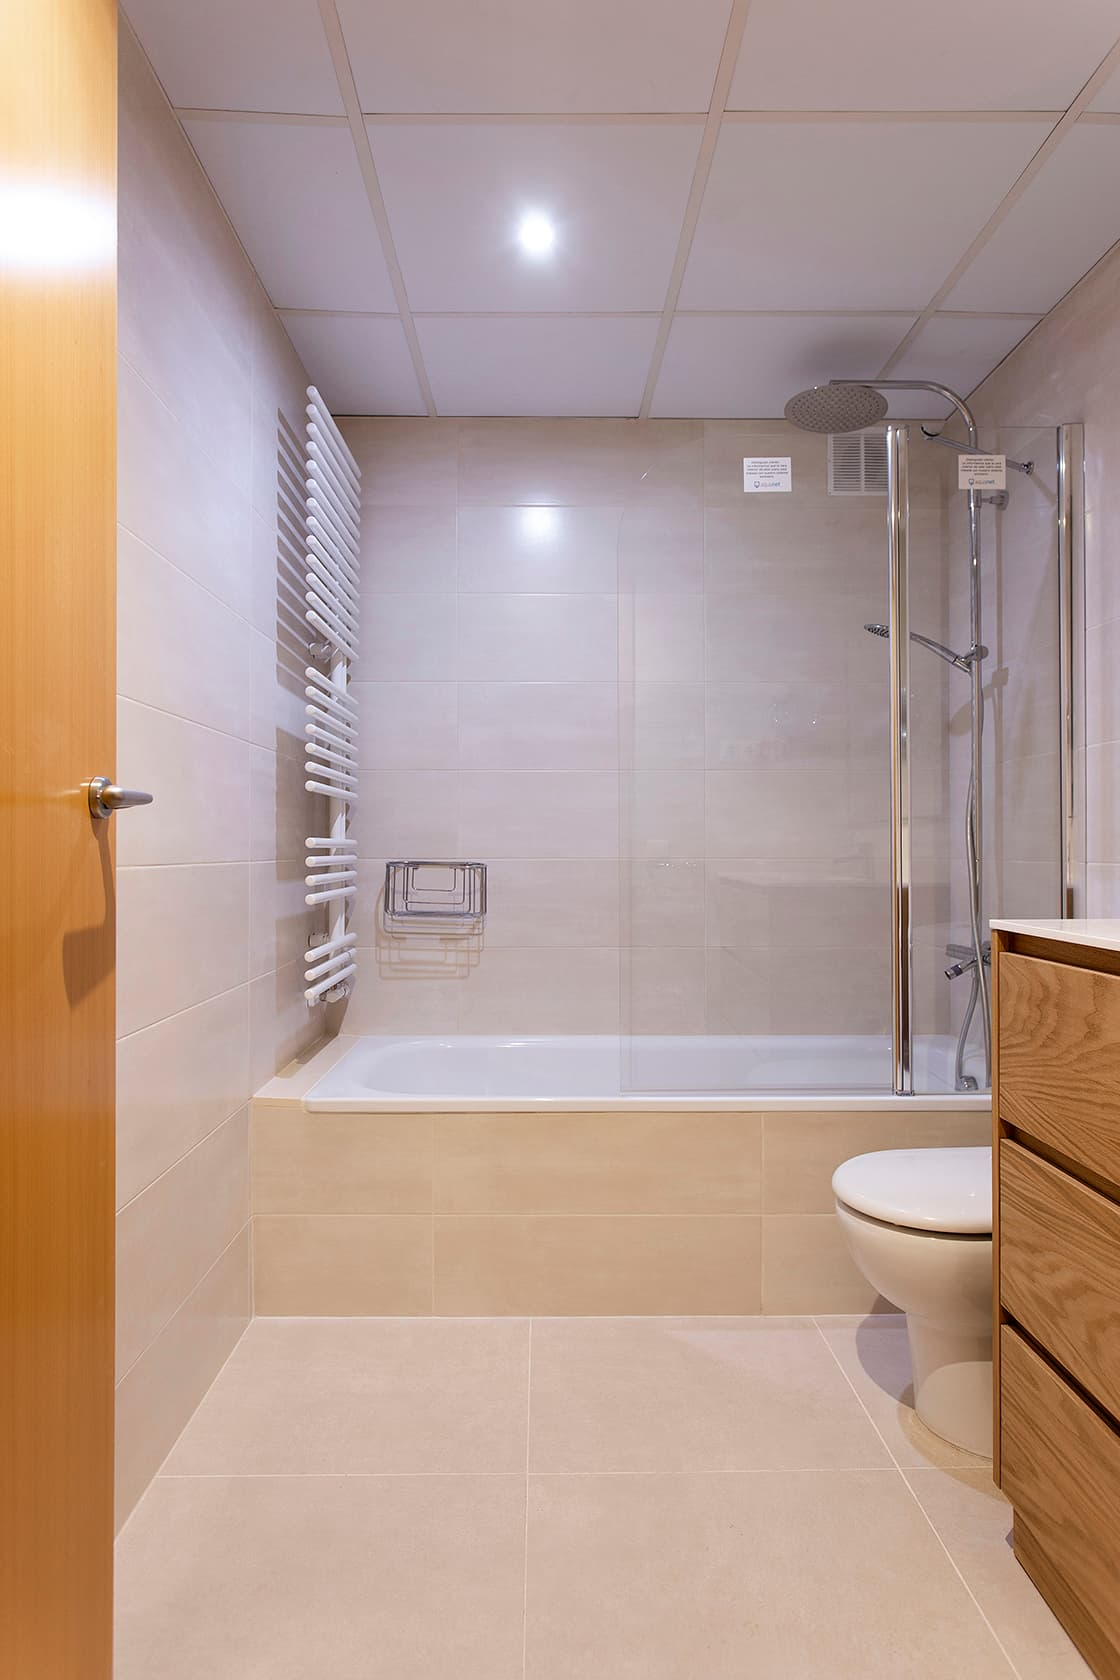 bañera grande